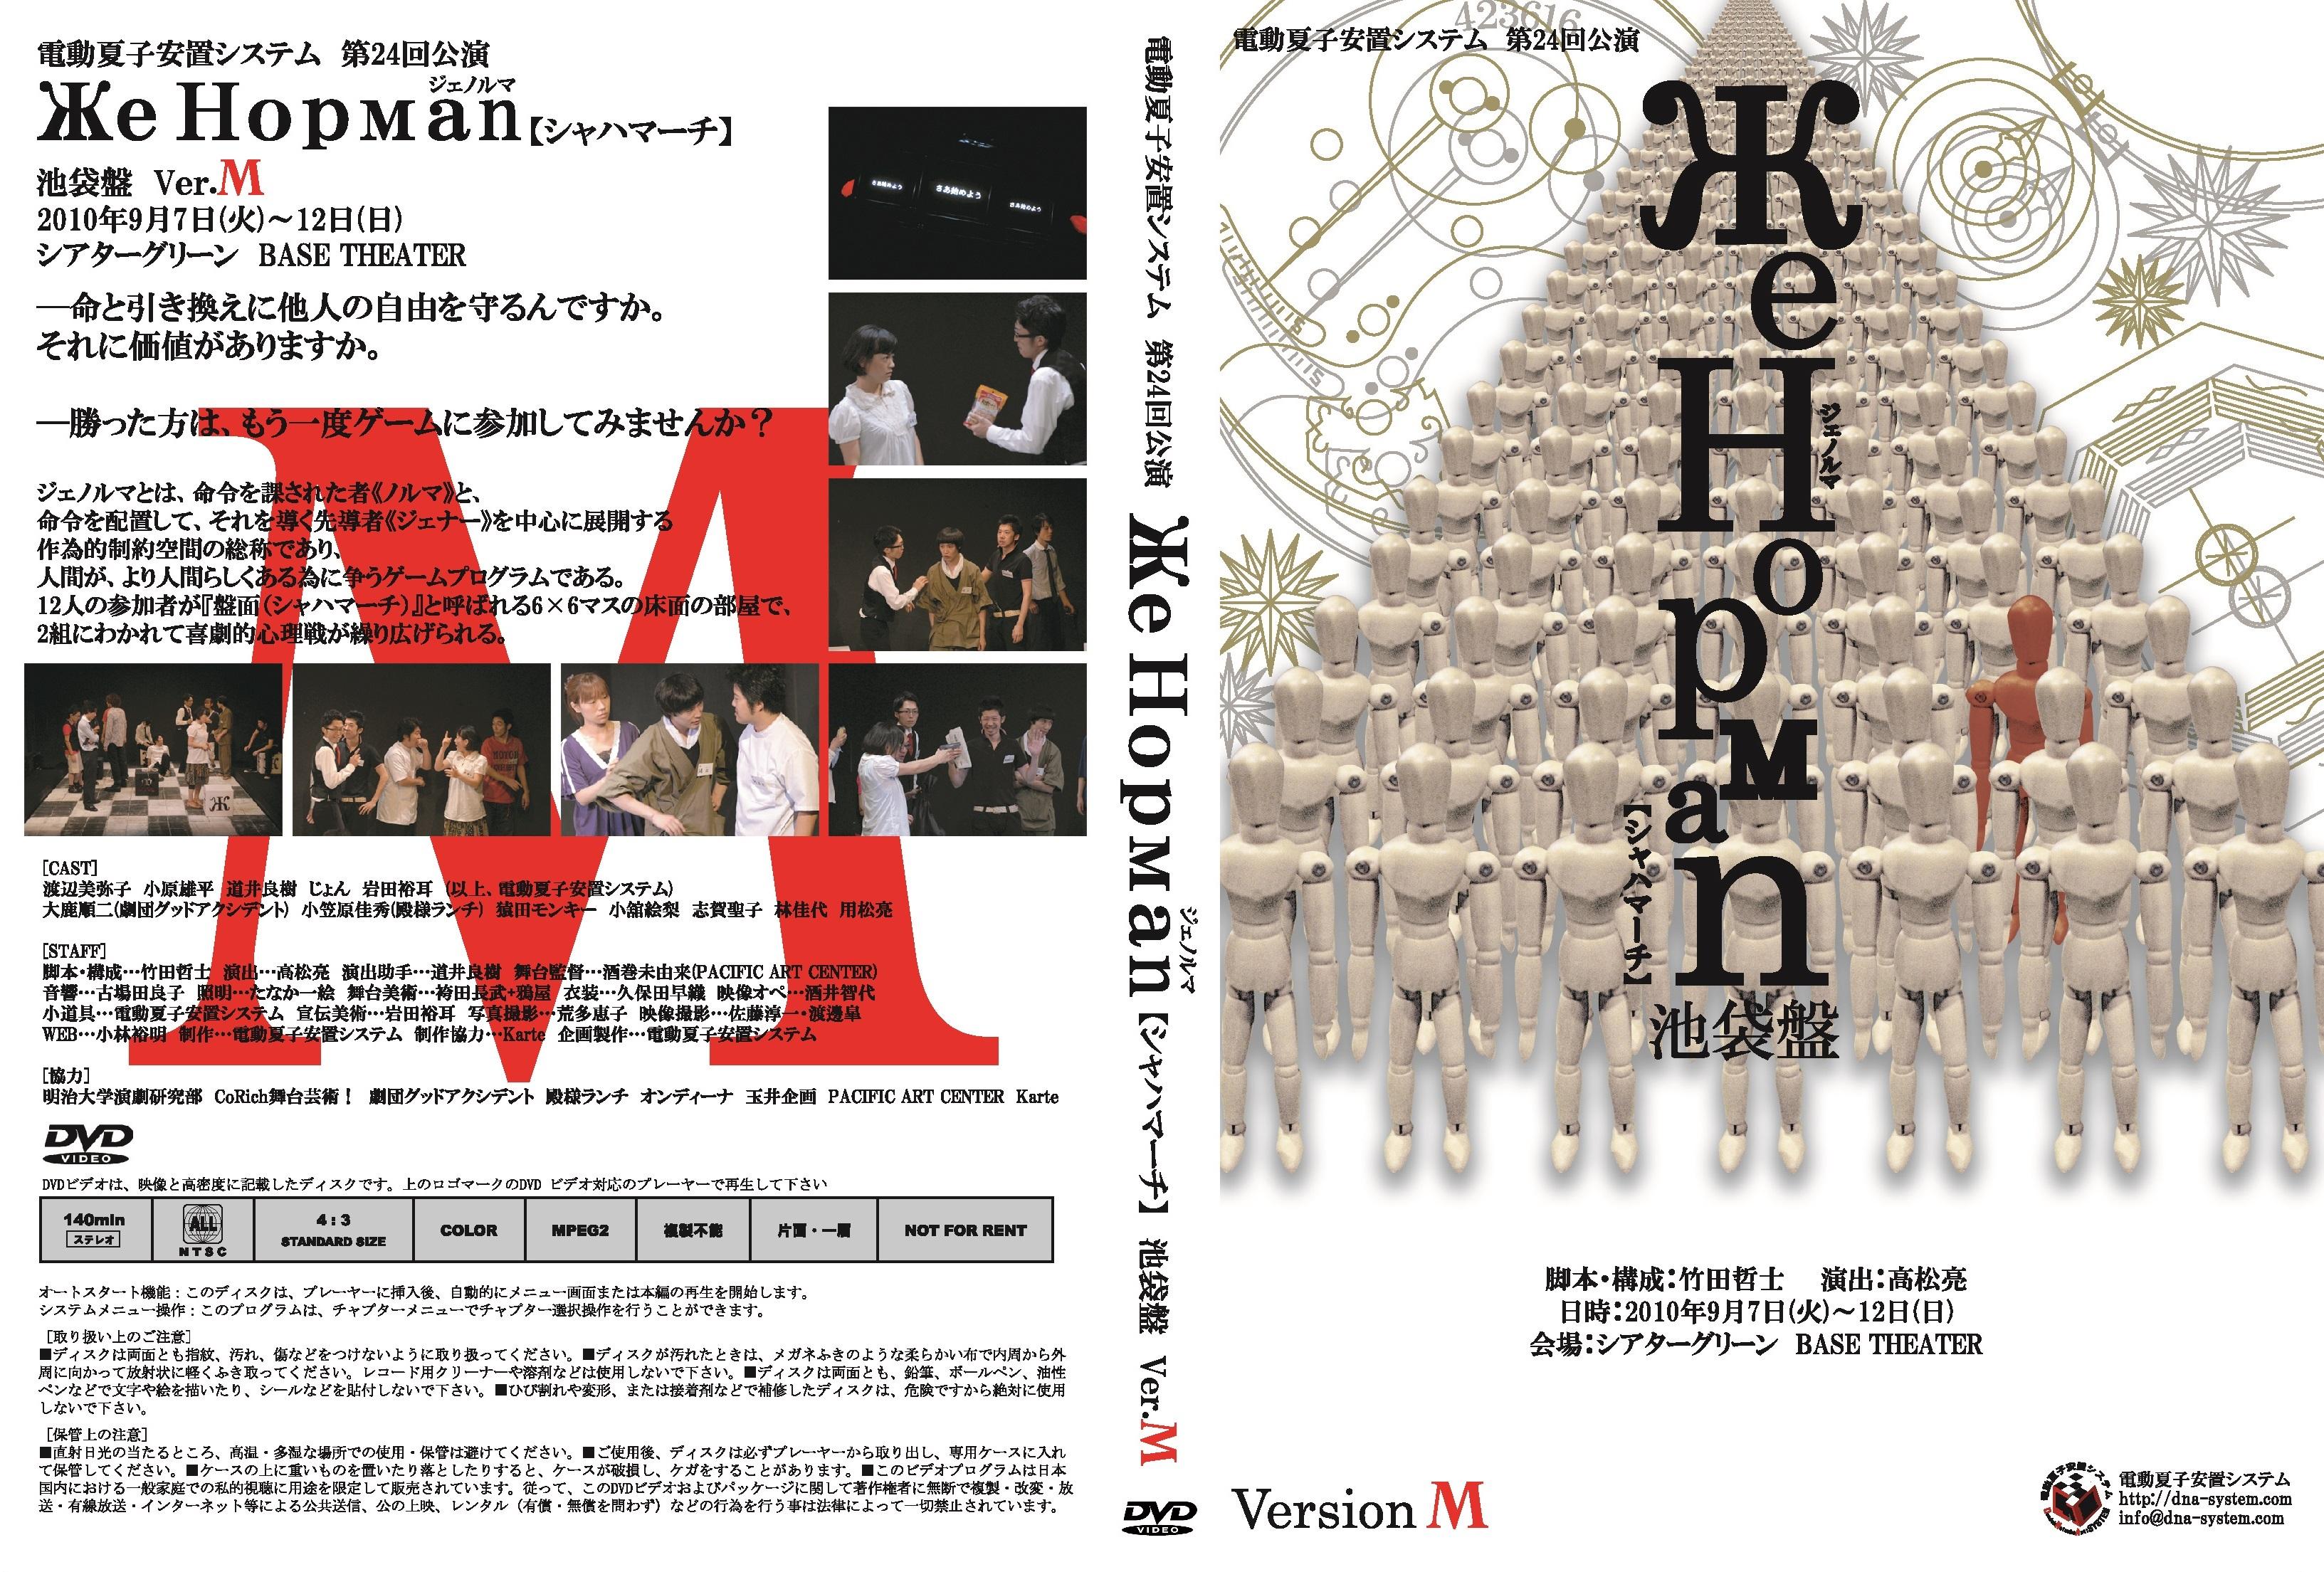 DVD 第24回公演『ЖeНoрмаn~シャハマーチ~【池袋盤】』(М ver.)